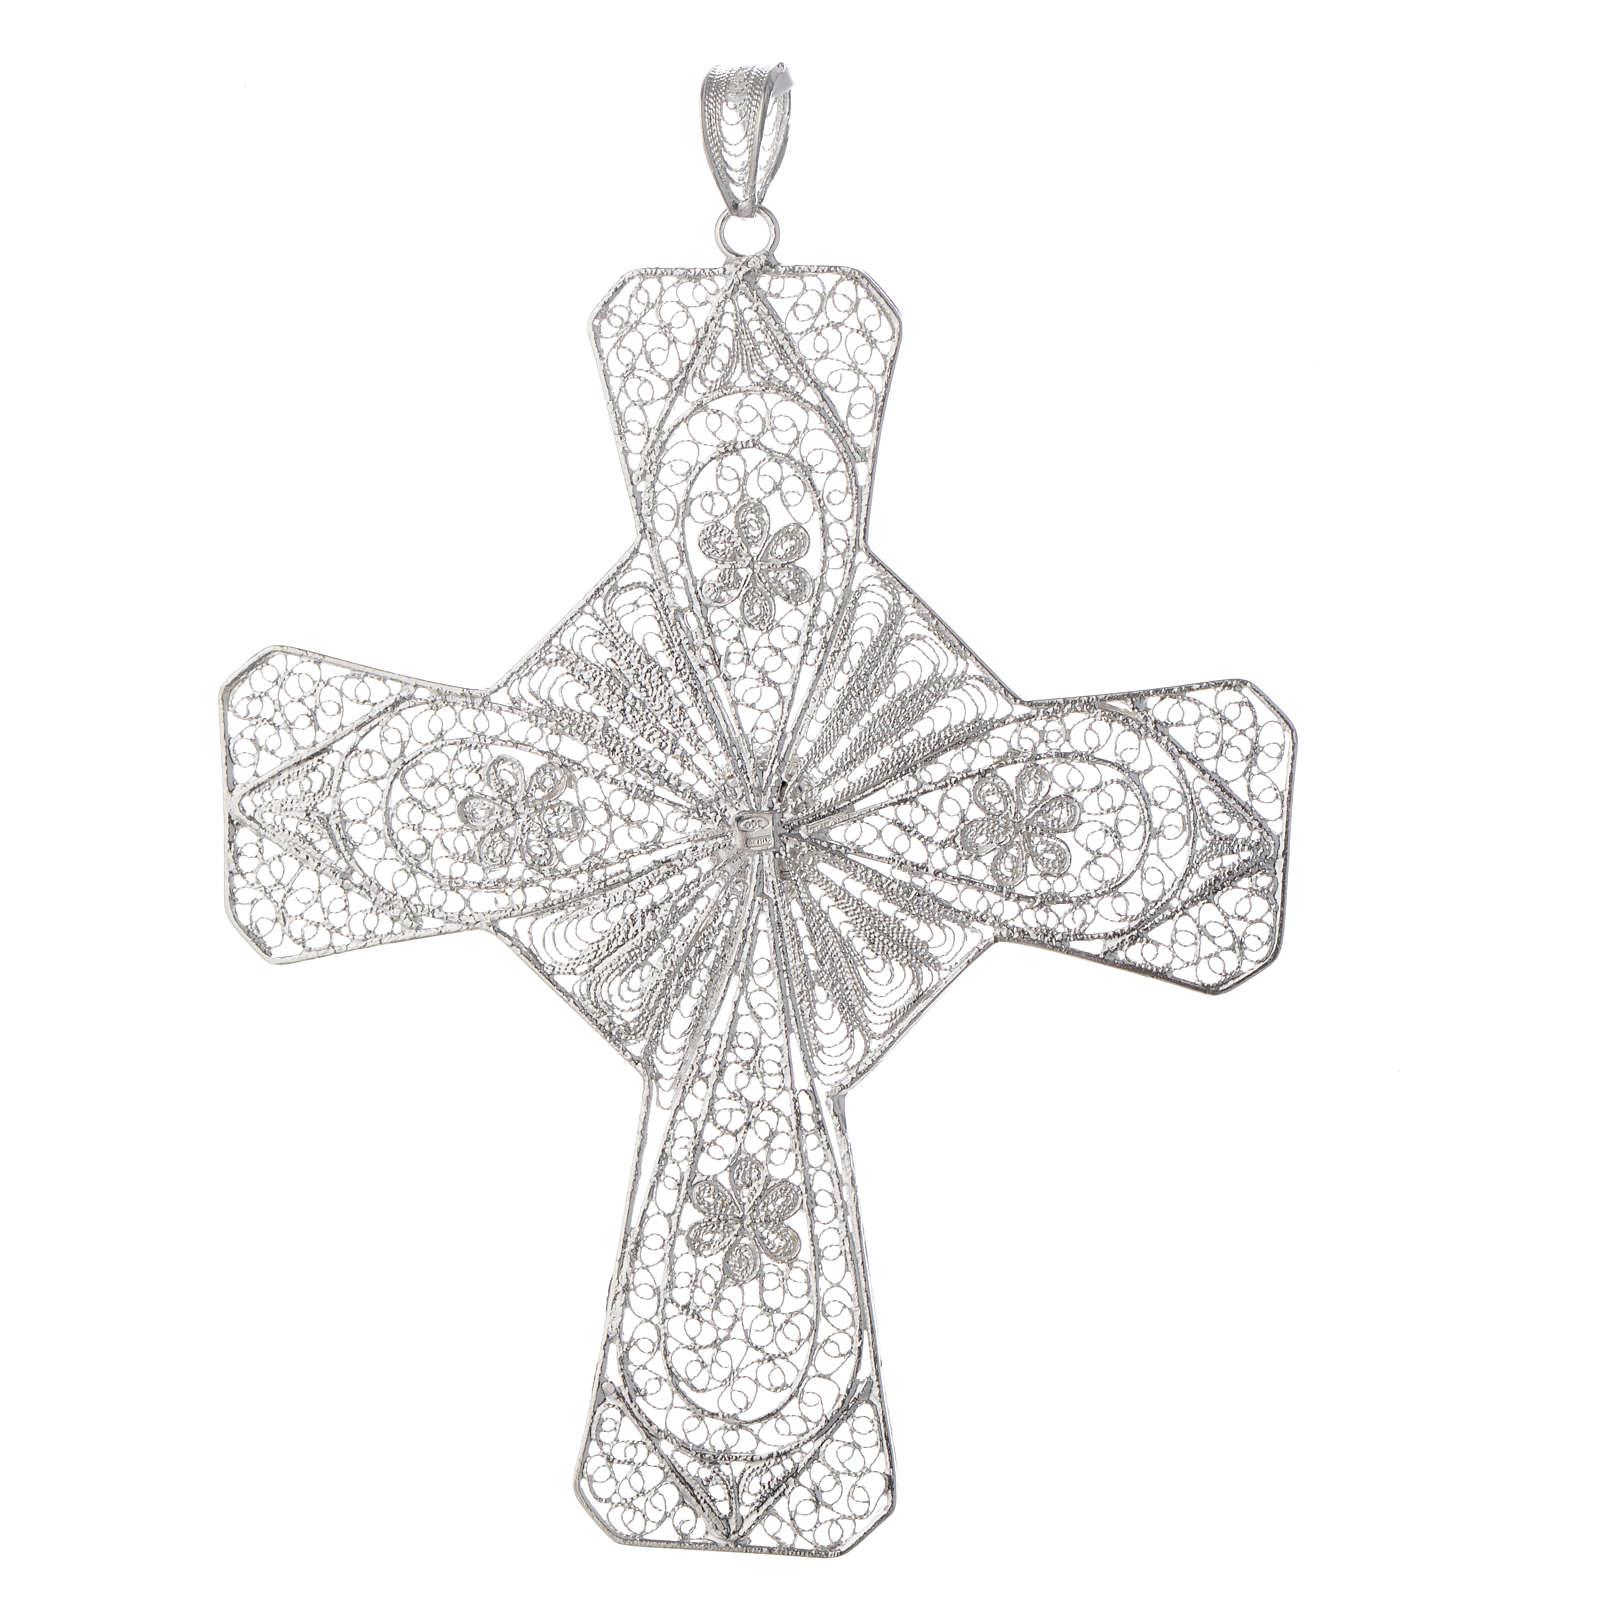 Krzyż biskupi srebro 800 filigran karneol kolor koralowy 3